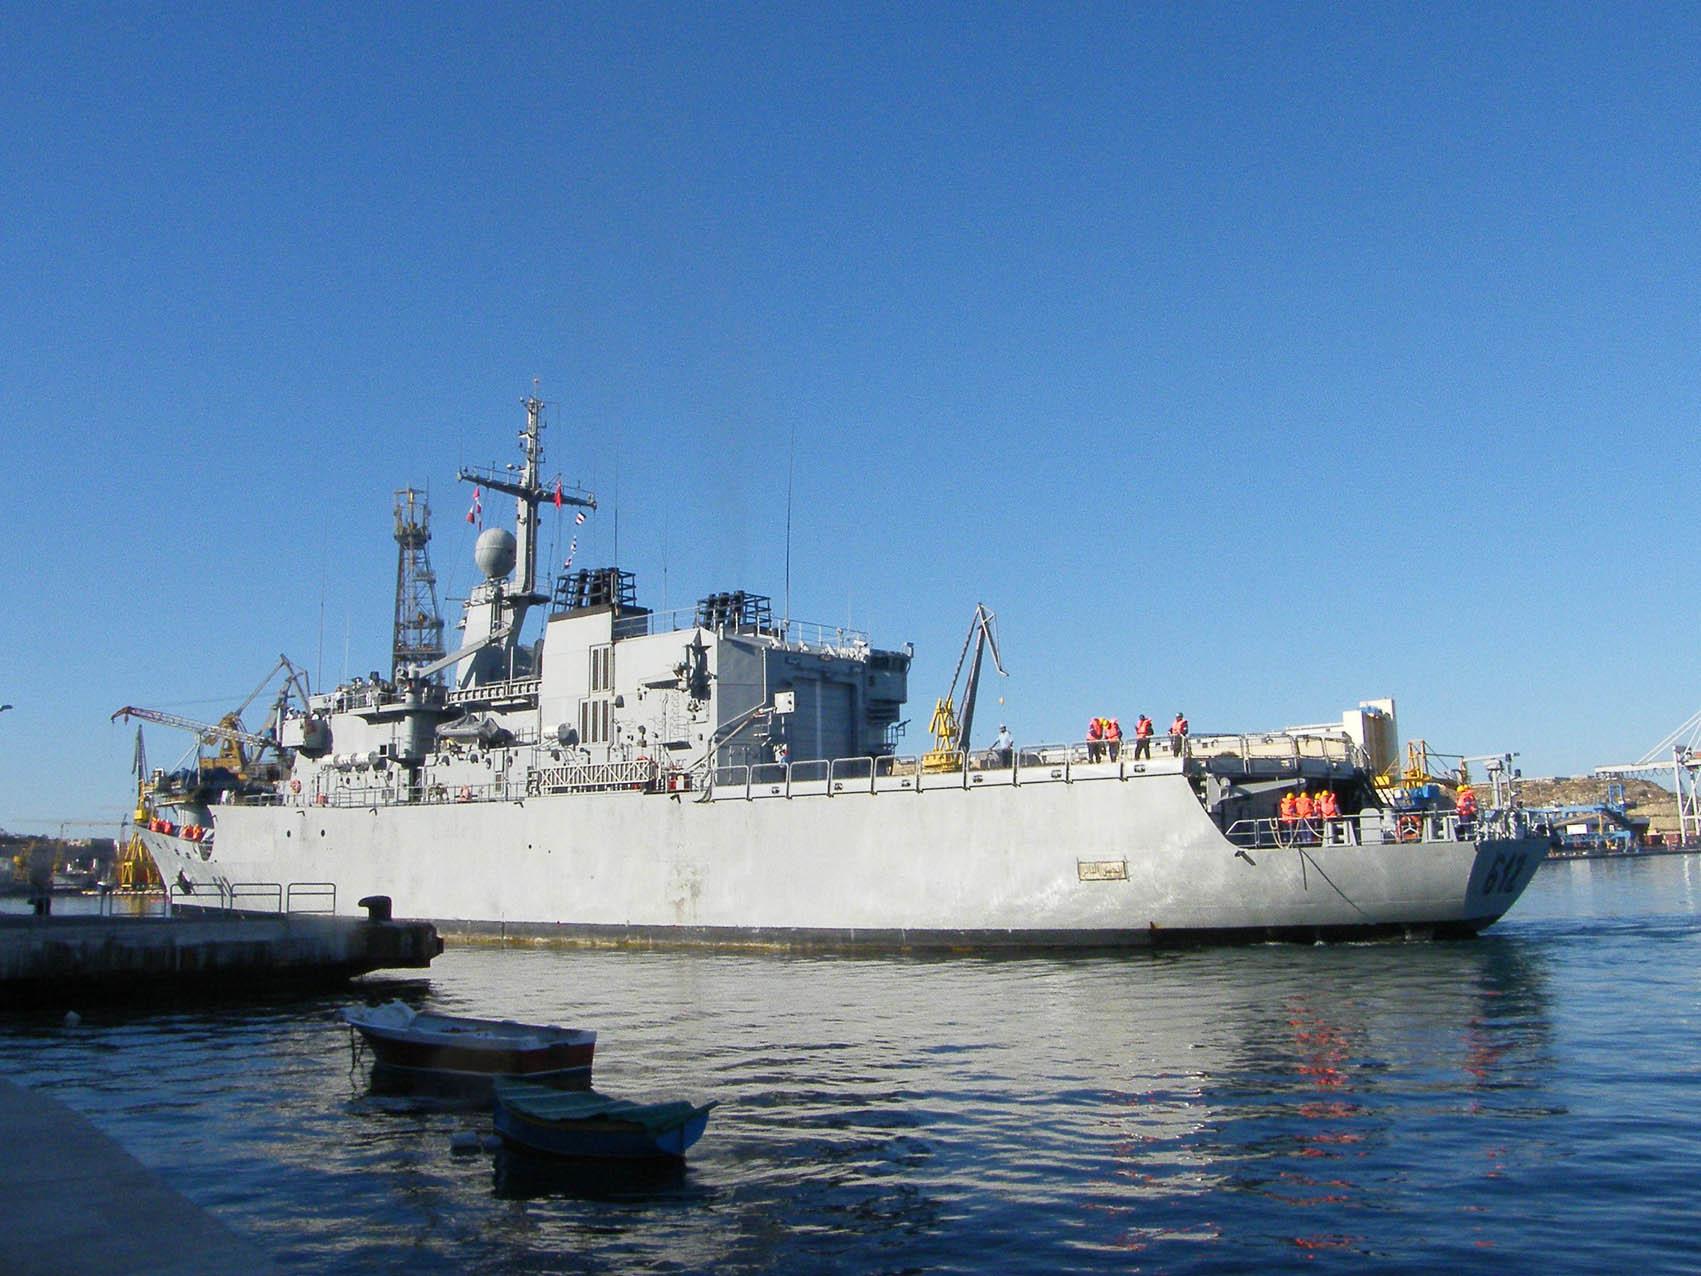 البحرية الملكية المغربية -شامل- - صفحة 12 14303167258_bdeda0a5b6_o